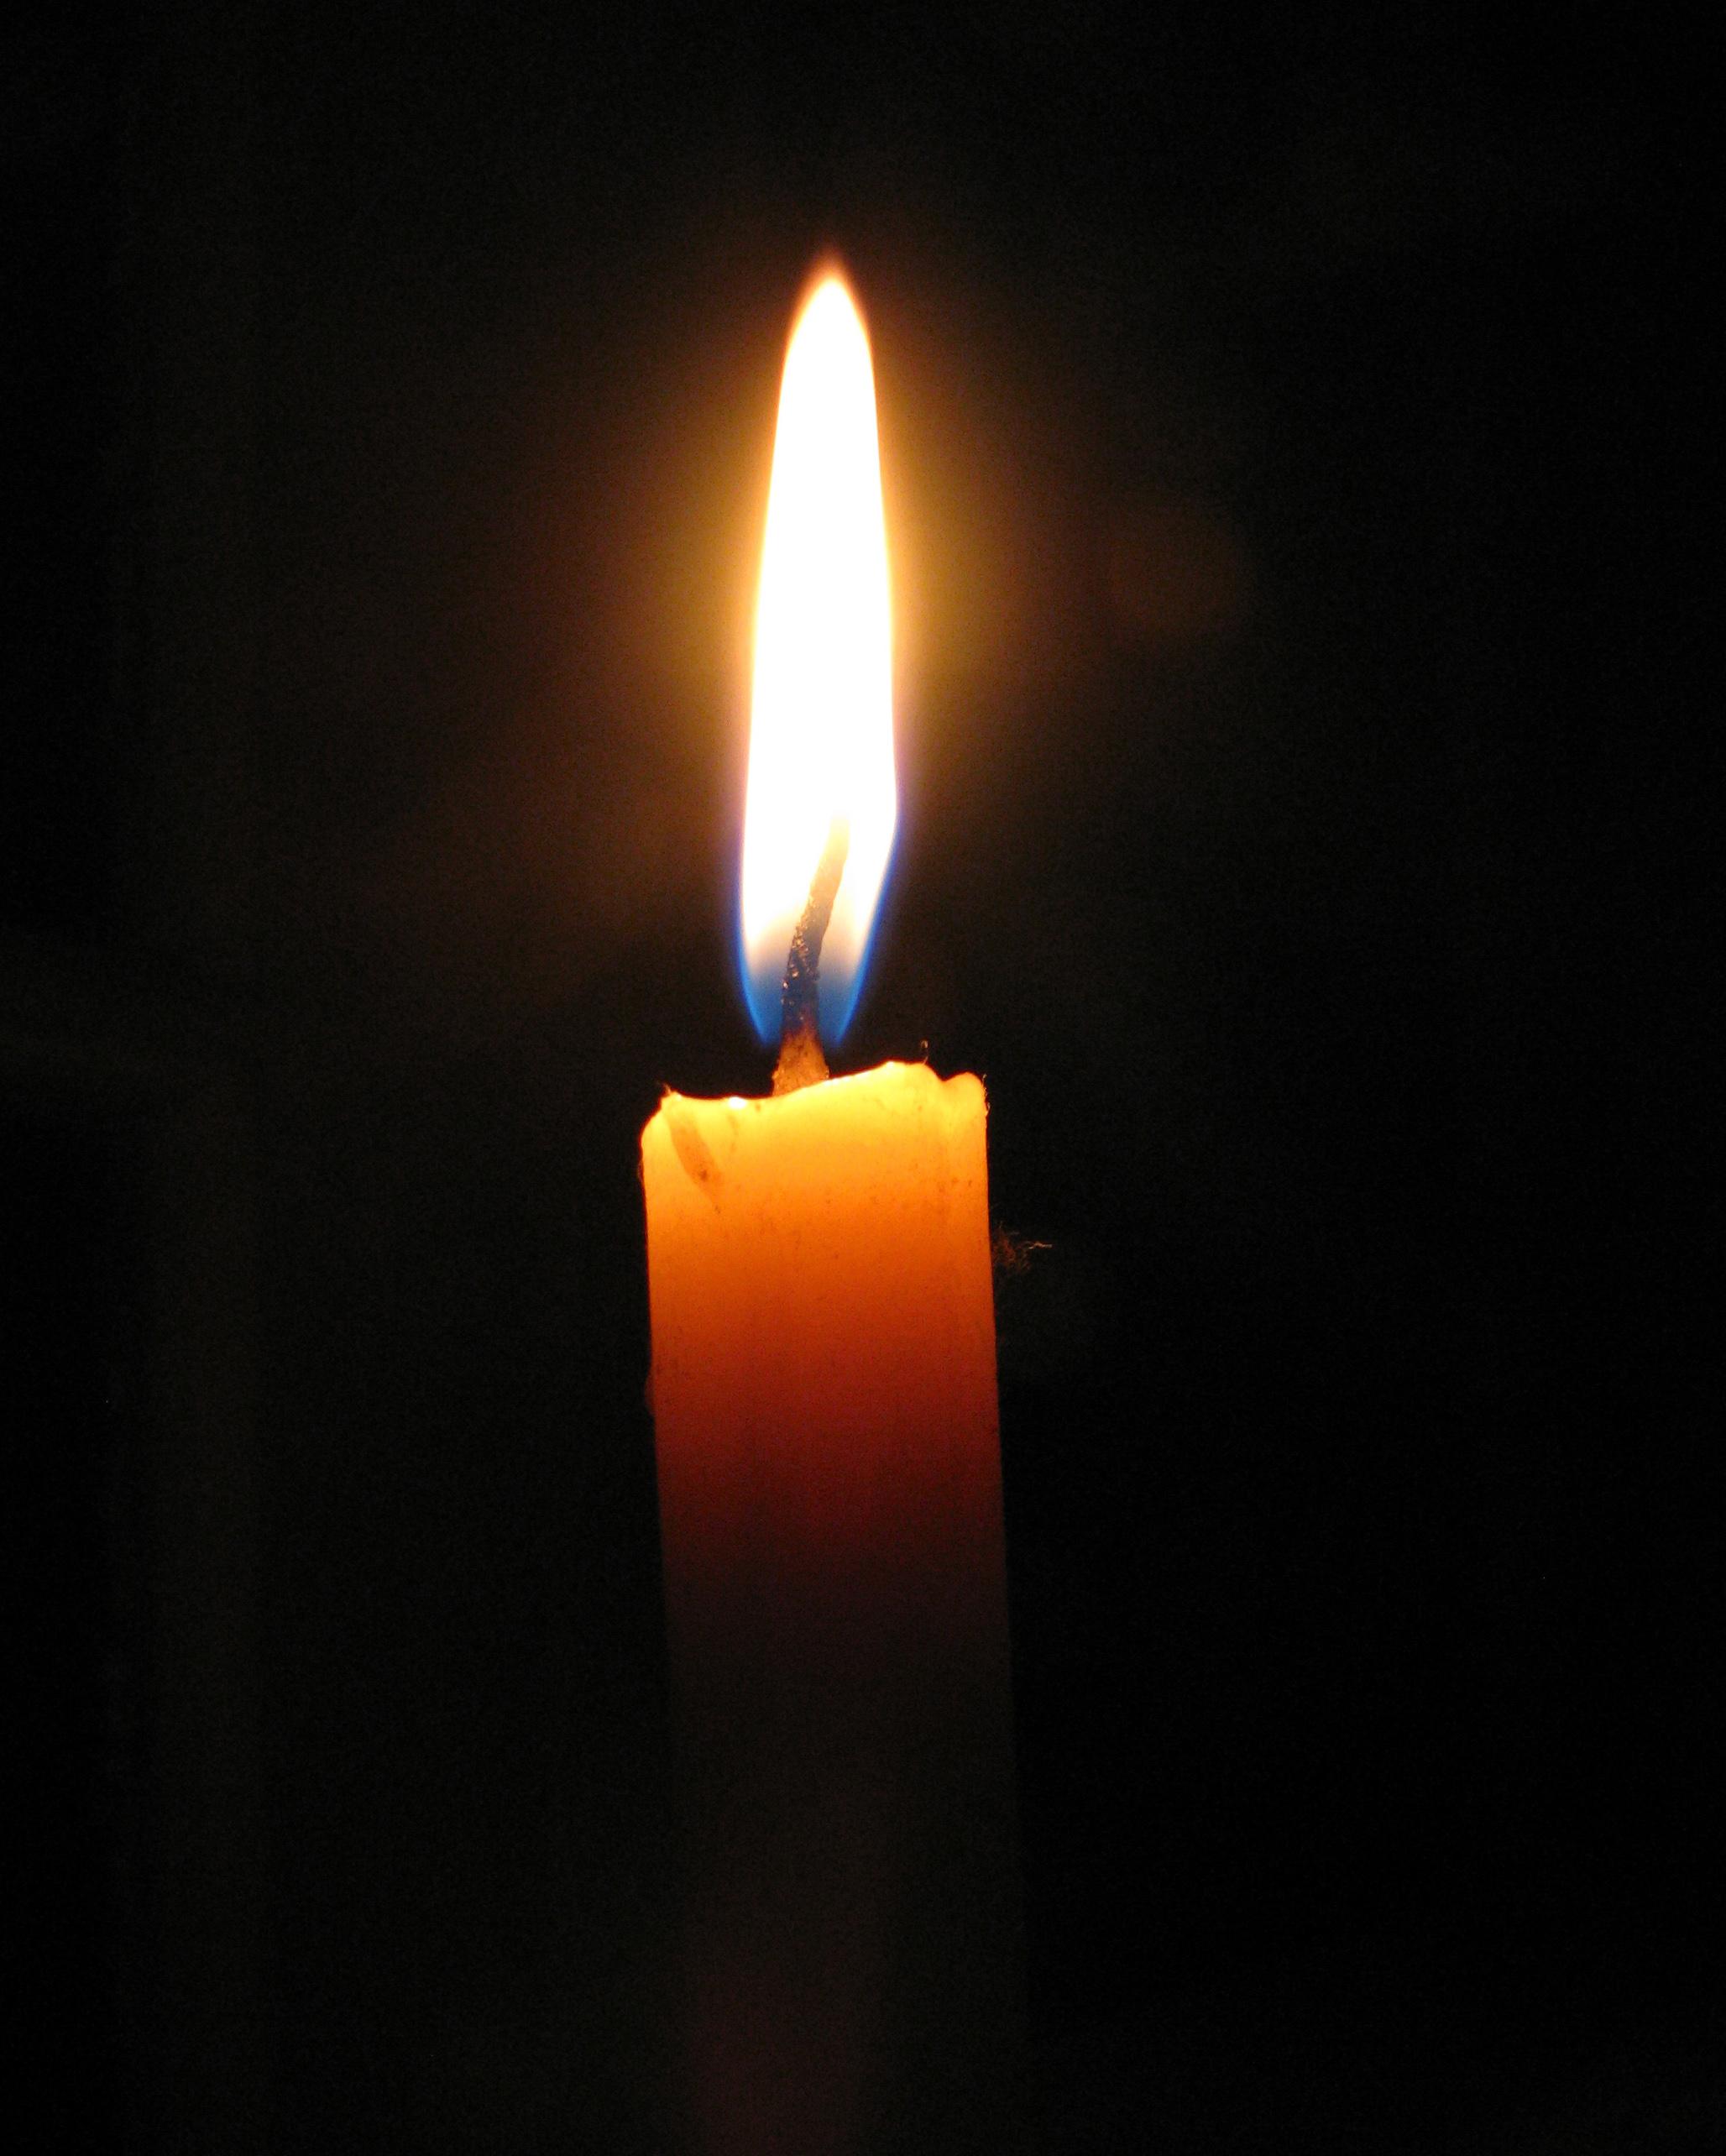 Wallpapersafari: Candle Light Wallpaper